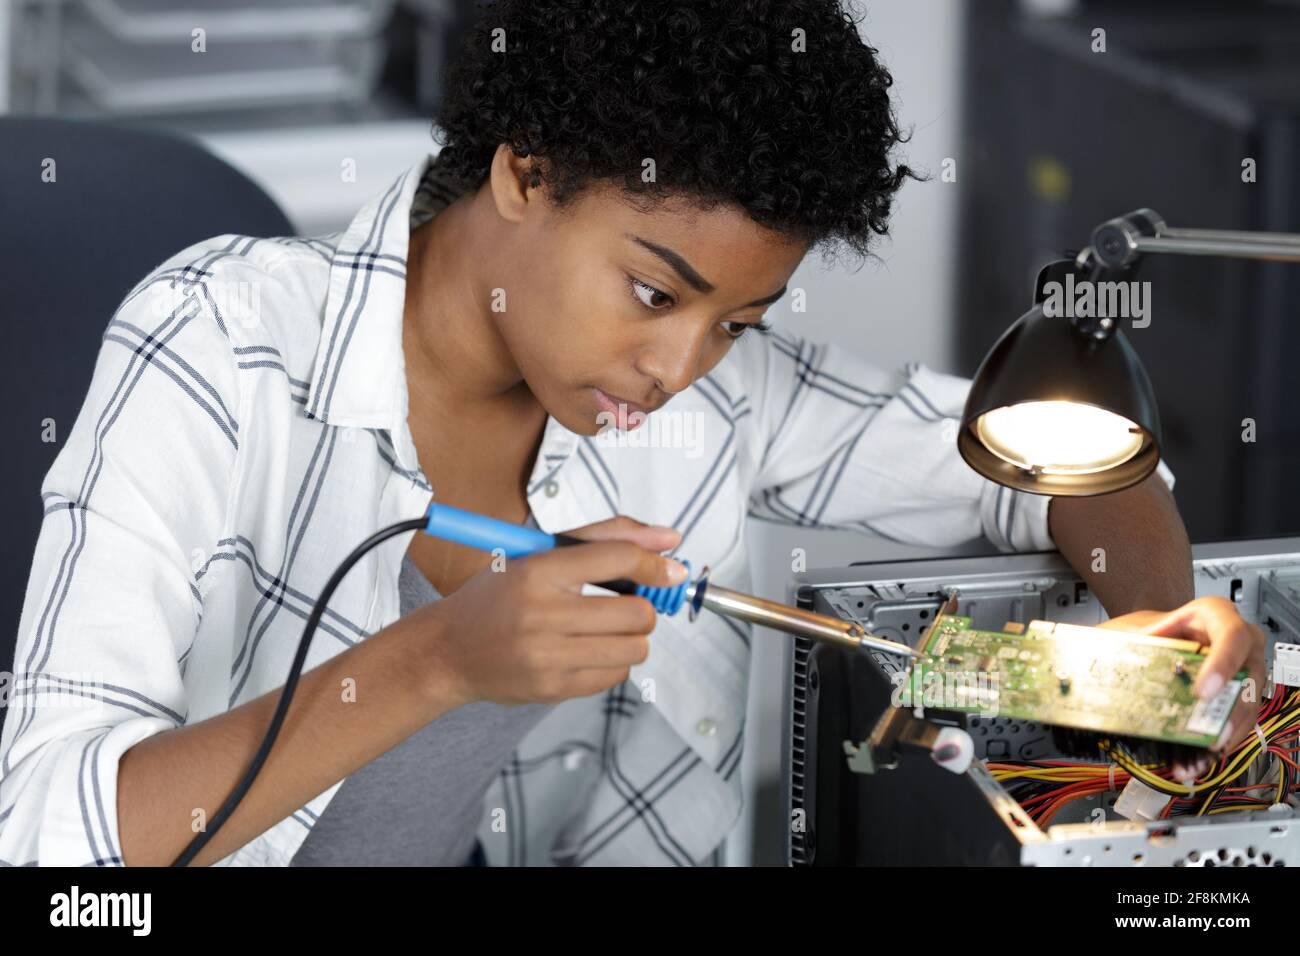 Éléments de soudure femme circuit board Banque D'Images